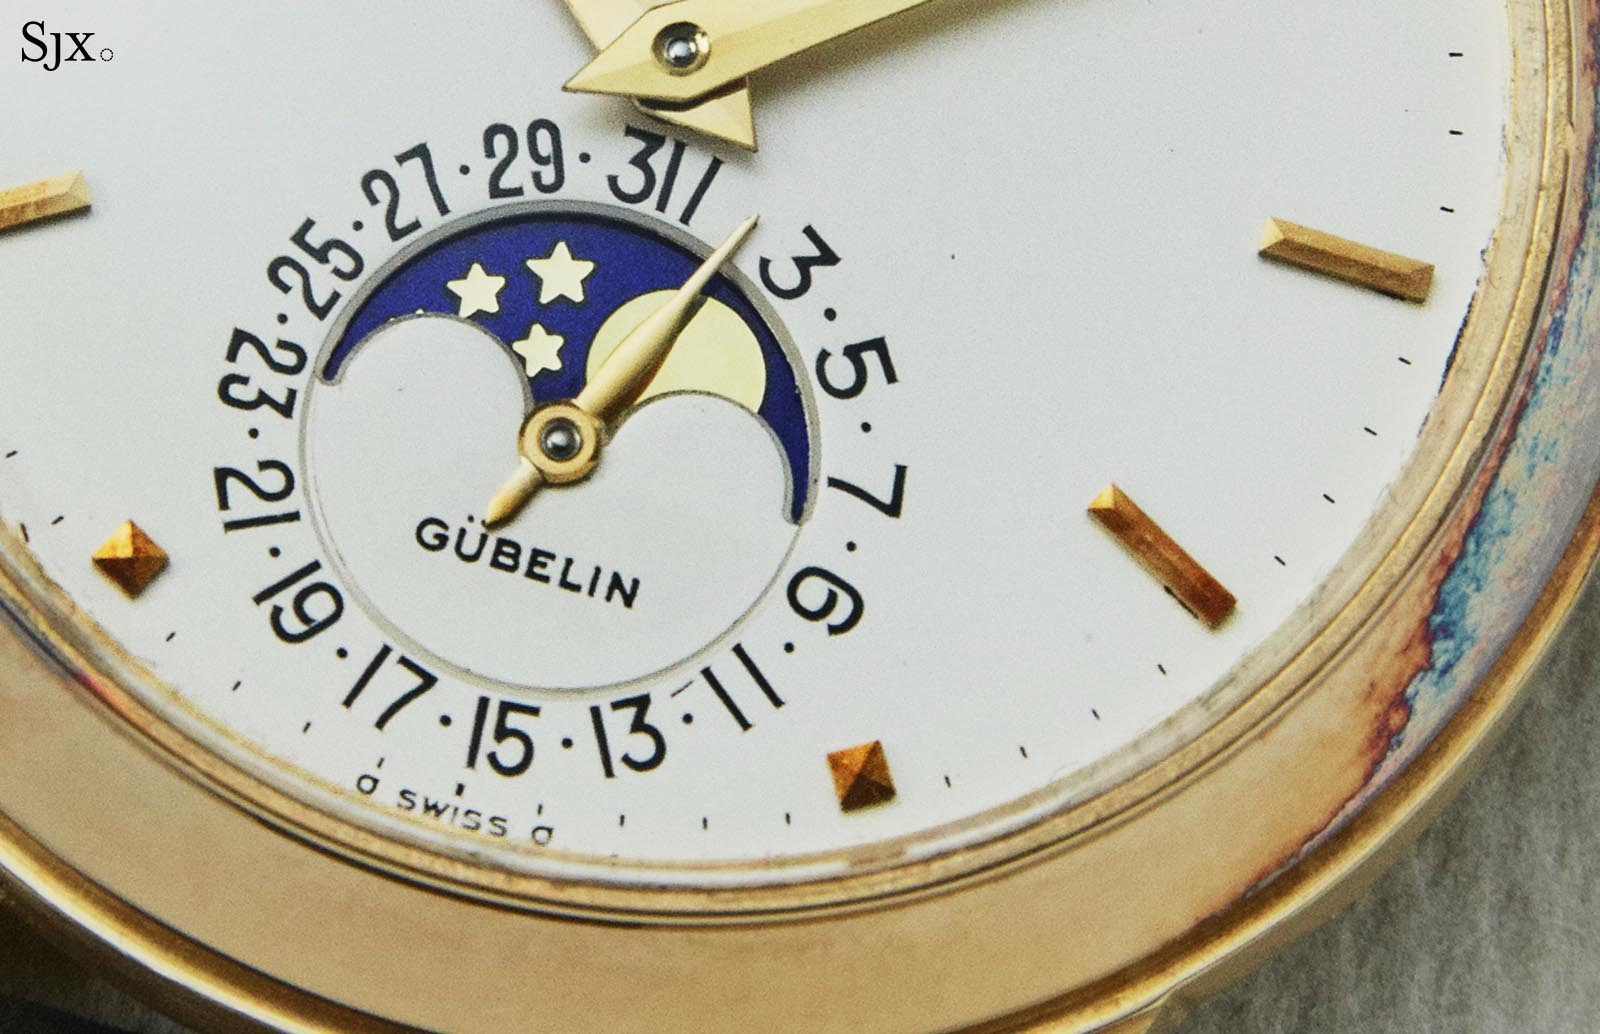 Patek Philippe Perpetual Calendar ref. 3448 3